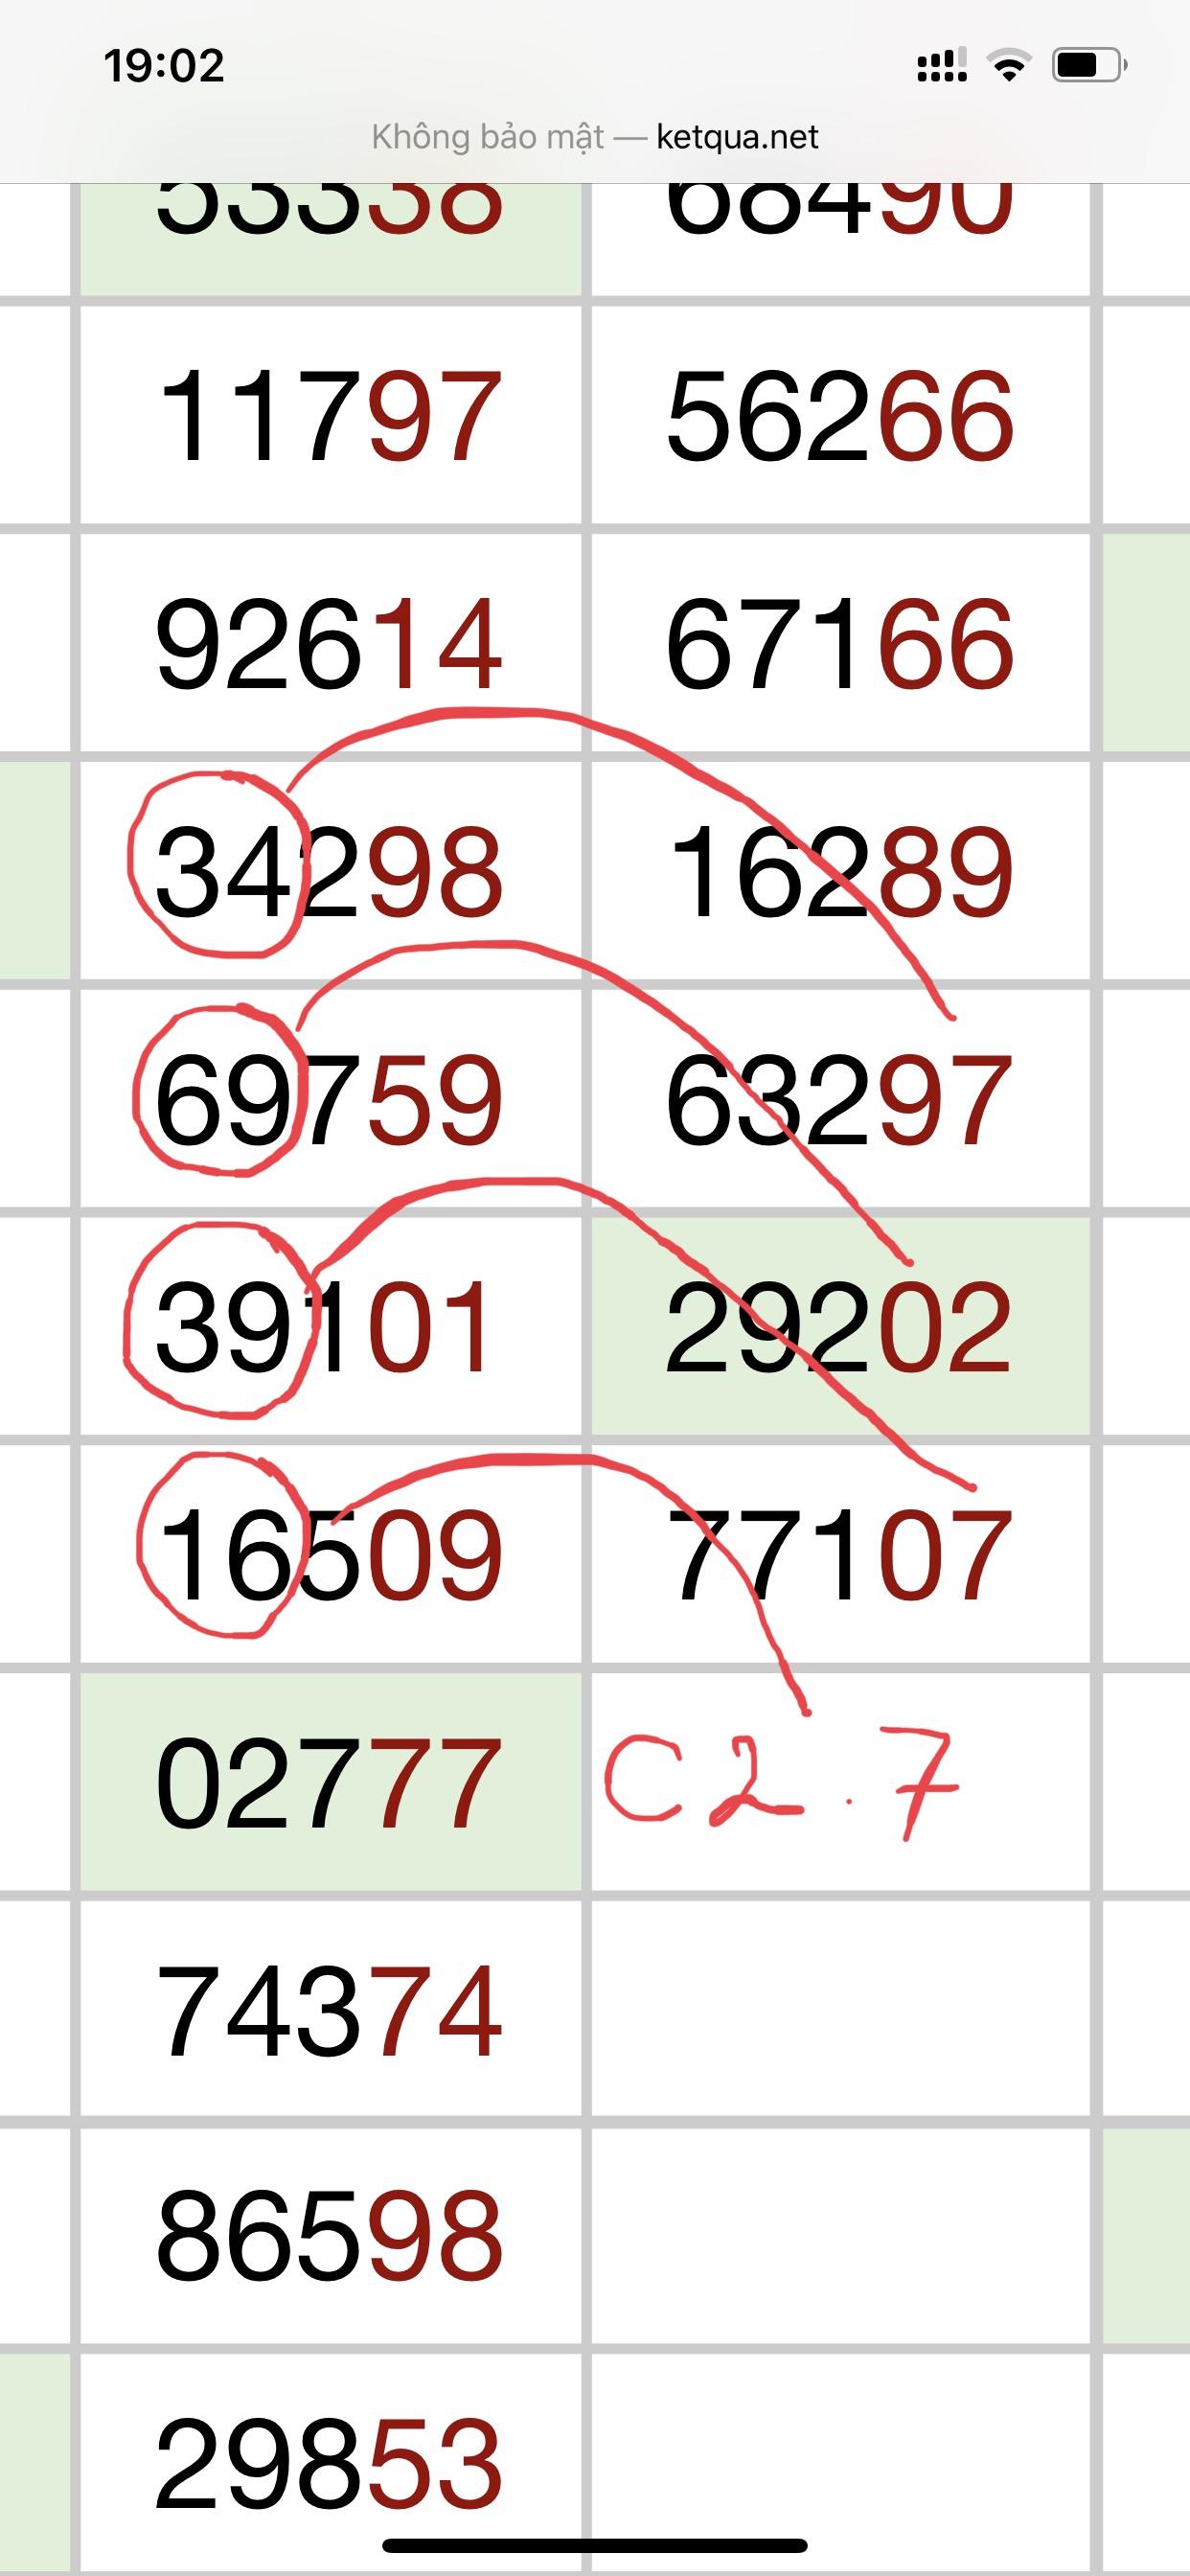 E982A705-63C1-40C0-9B78-B19C8D4E077F.jpeg